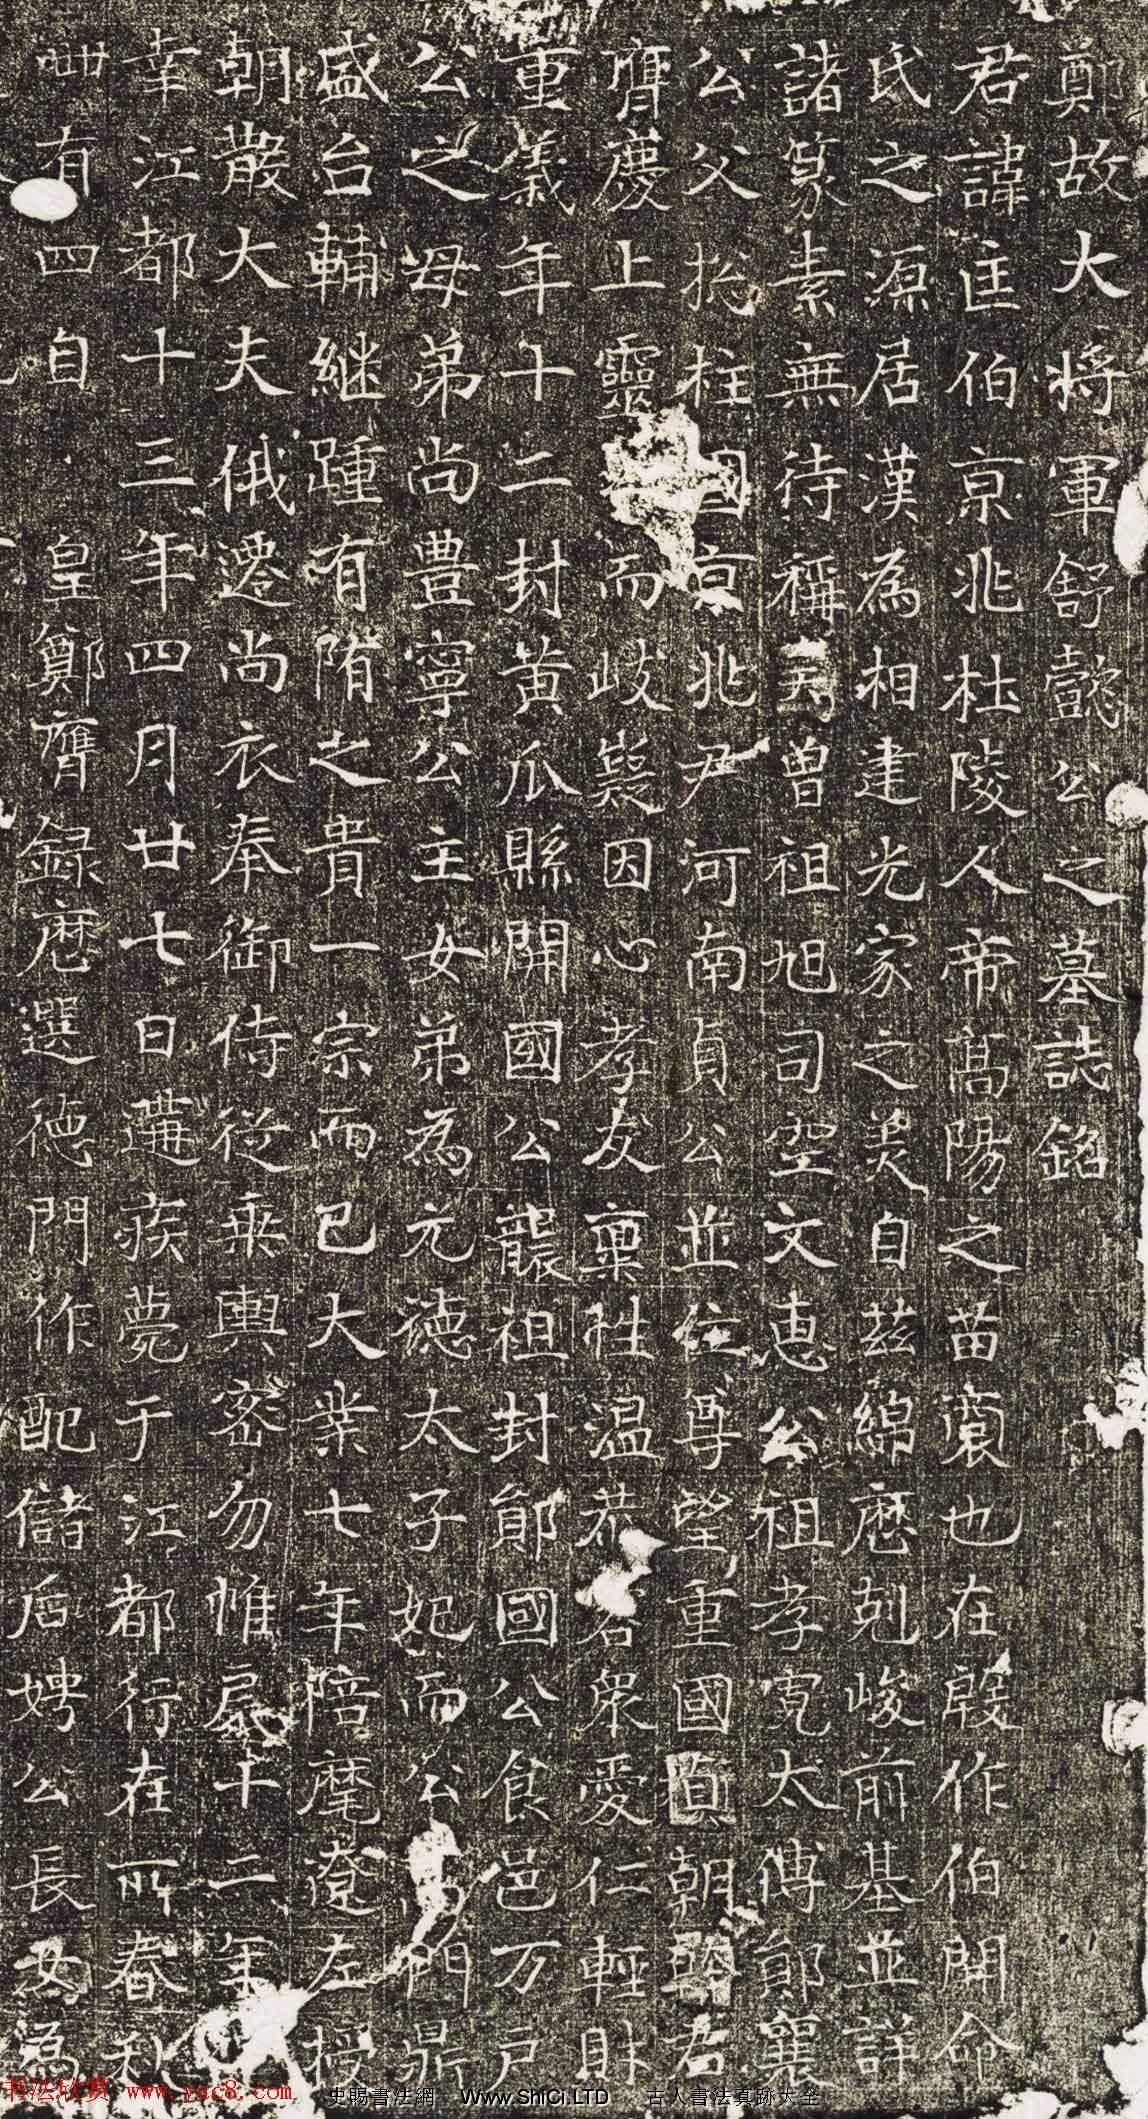 鄭故大將軍舒懿公之墓誌銘民國拓本